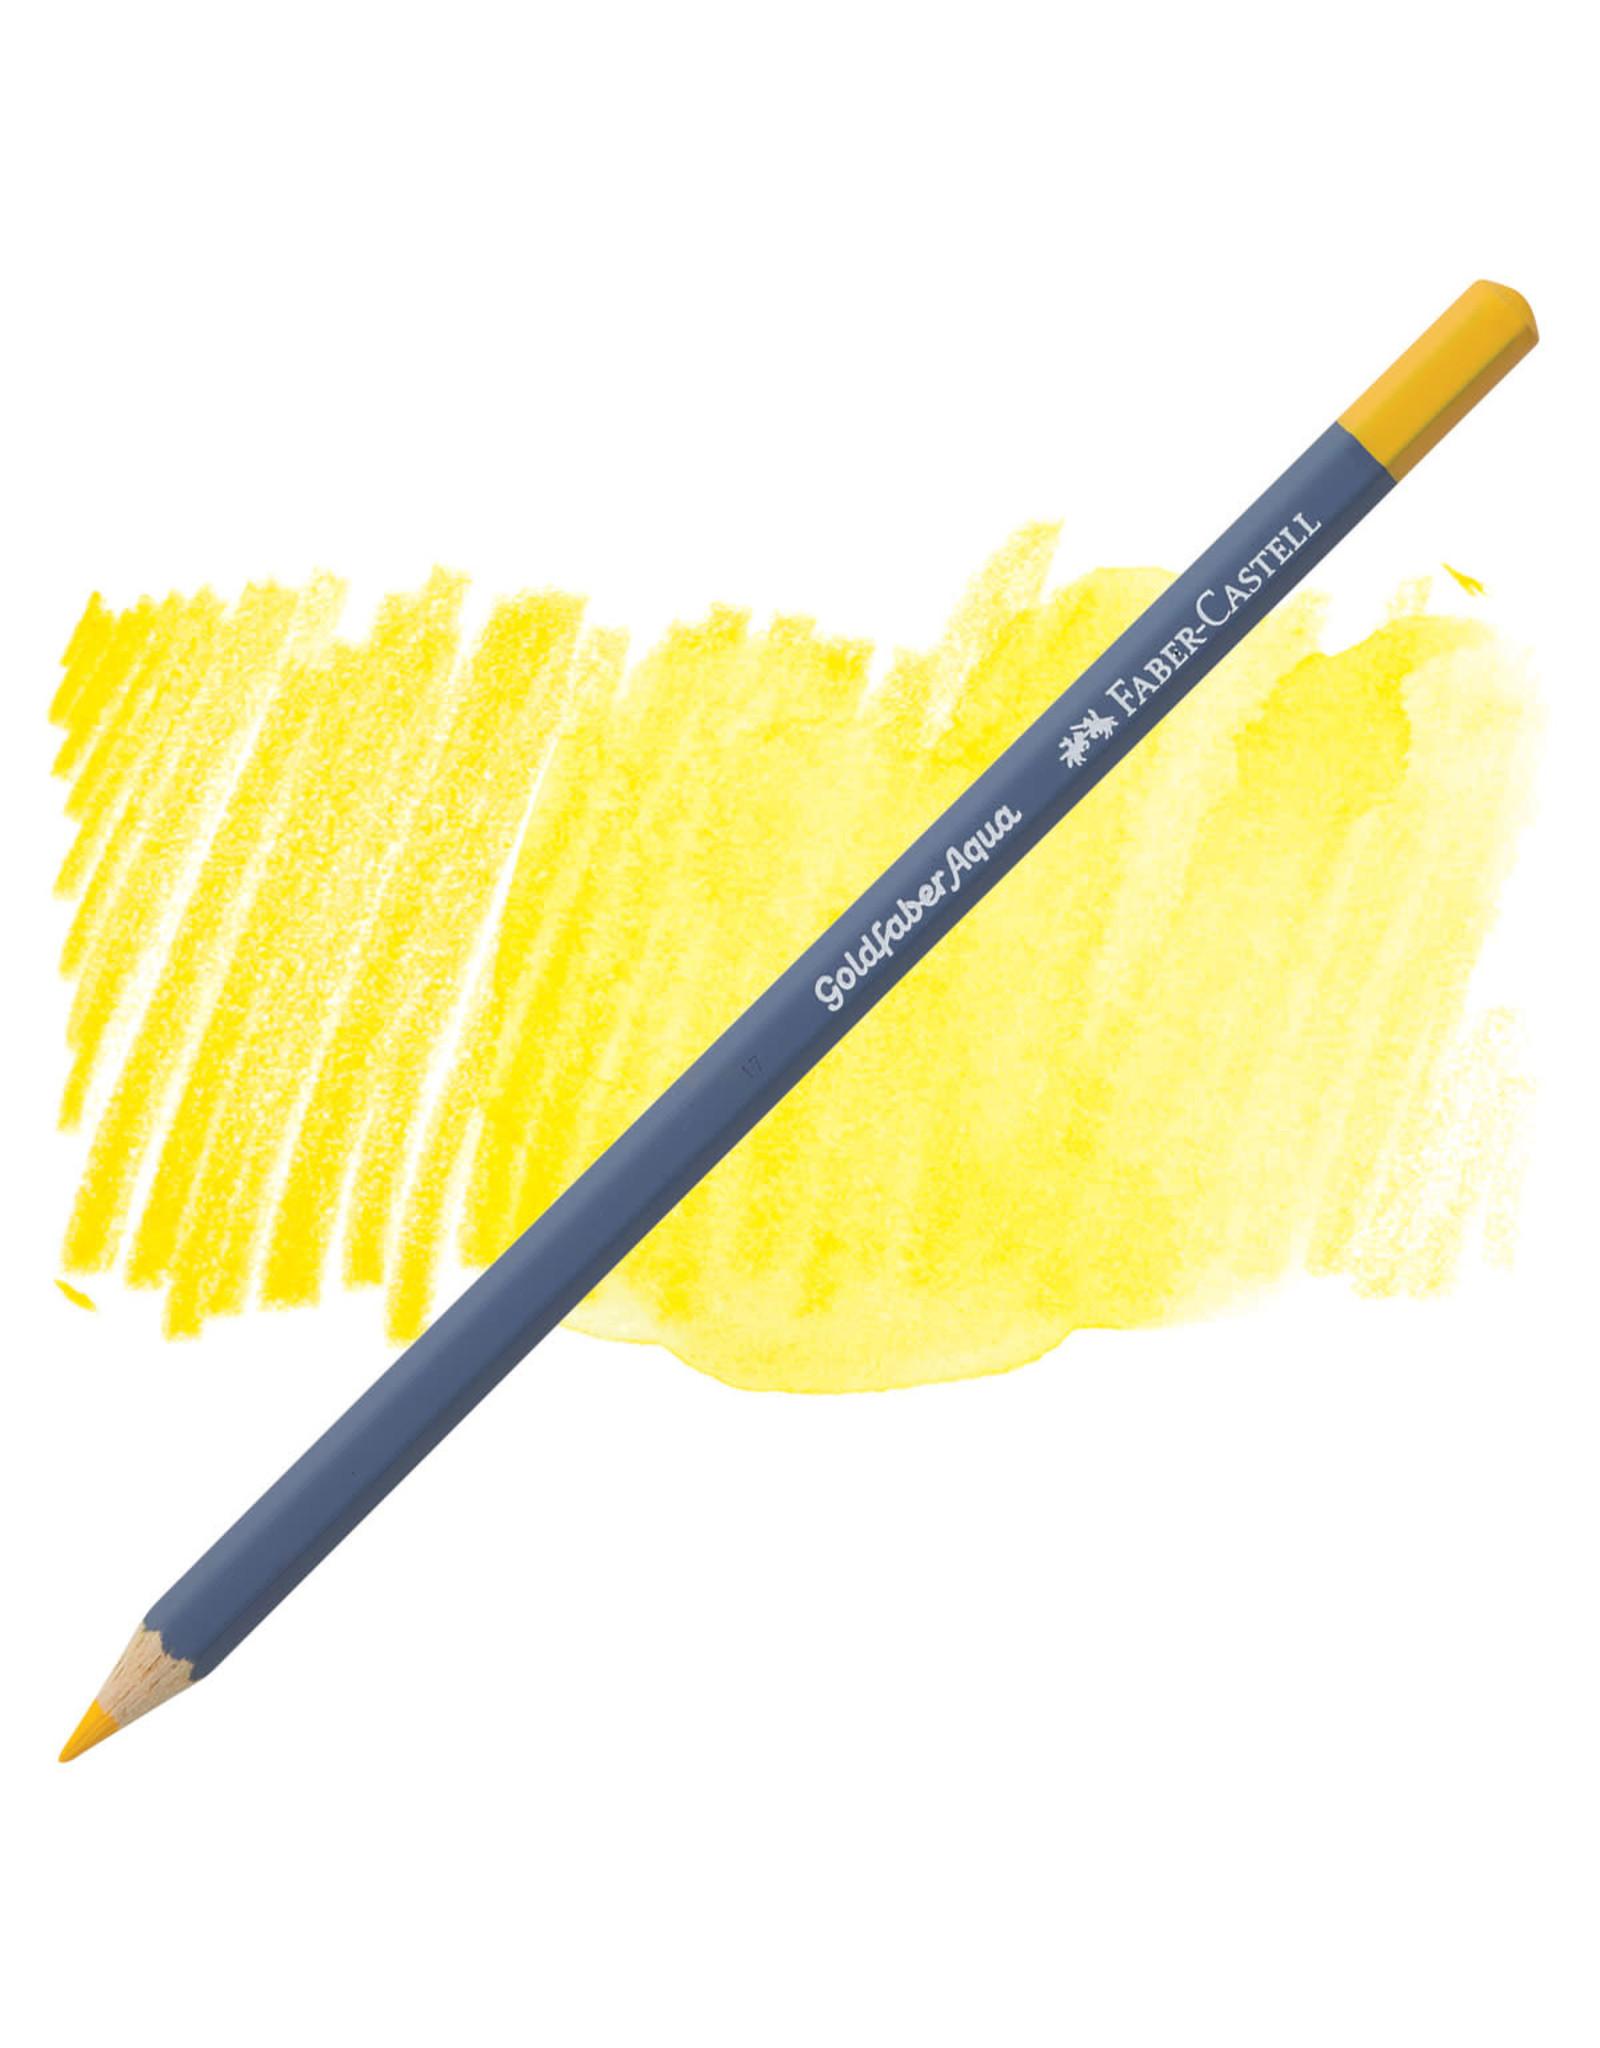 Faber-Castell Goldfaber Aqua Watercolor Pencil - Dk. Cadmium Yellow #108